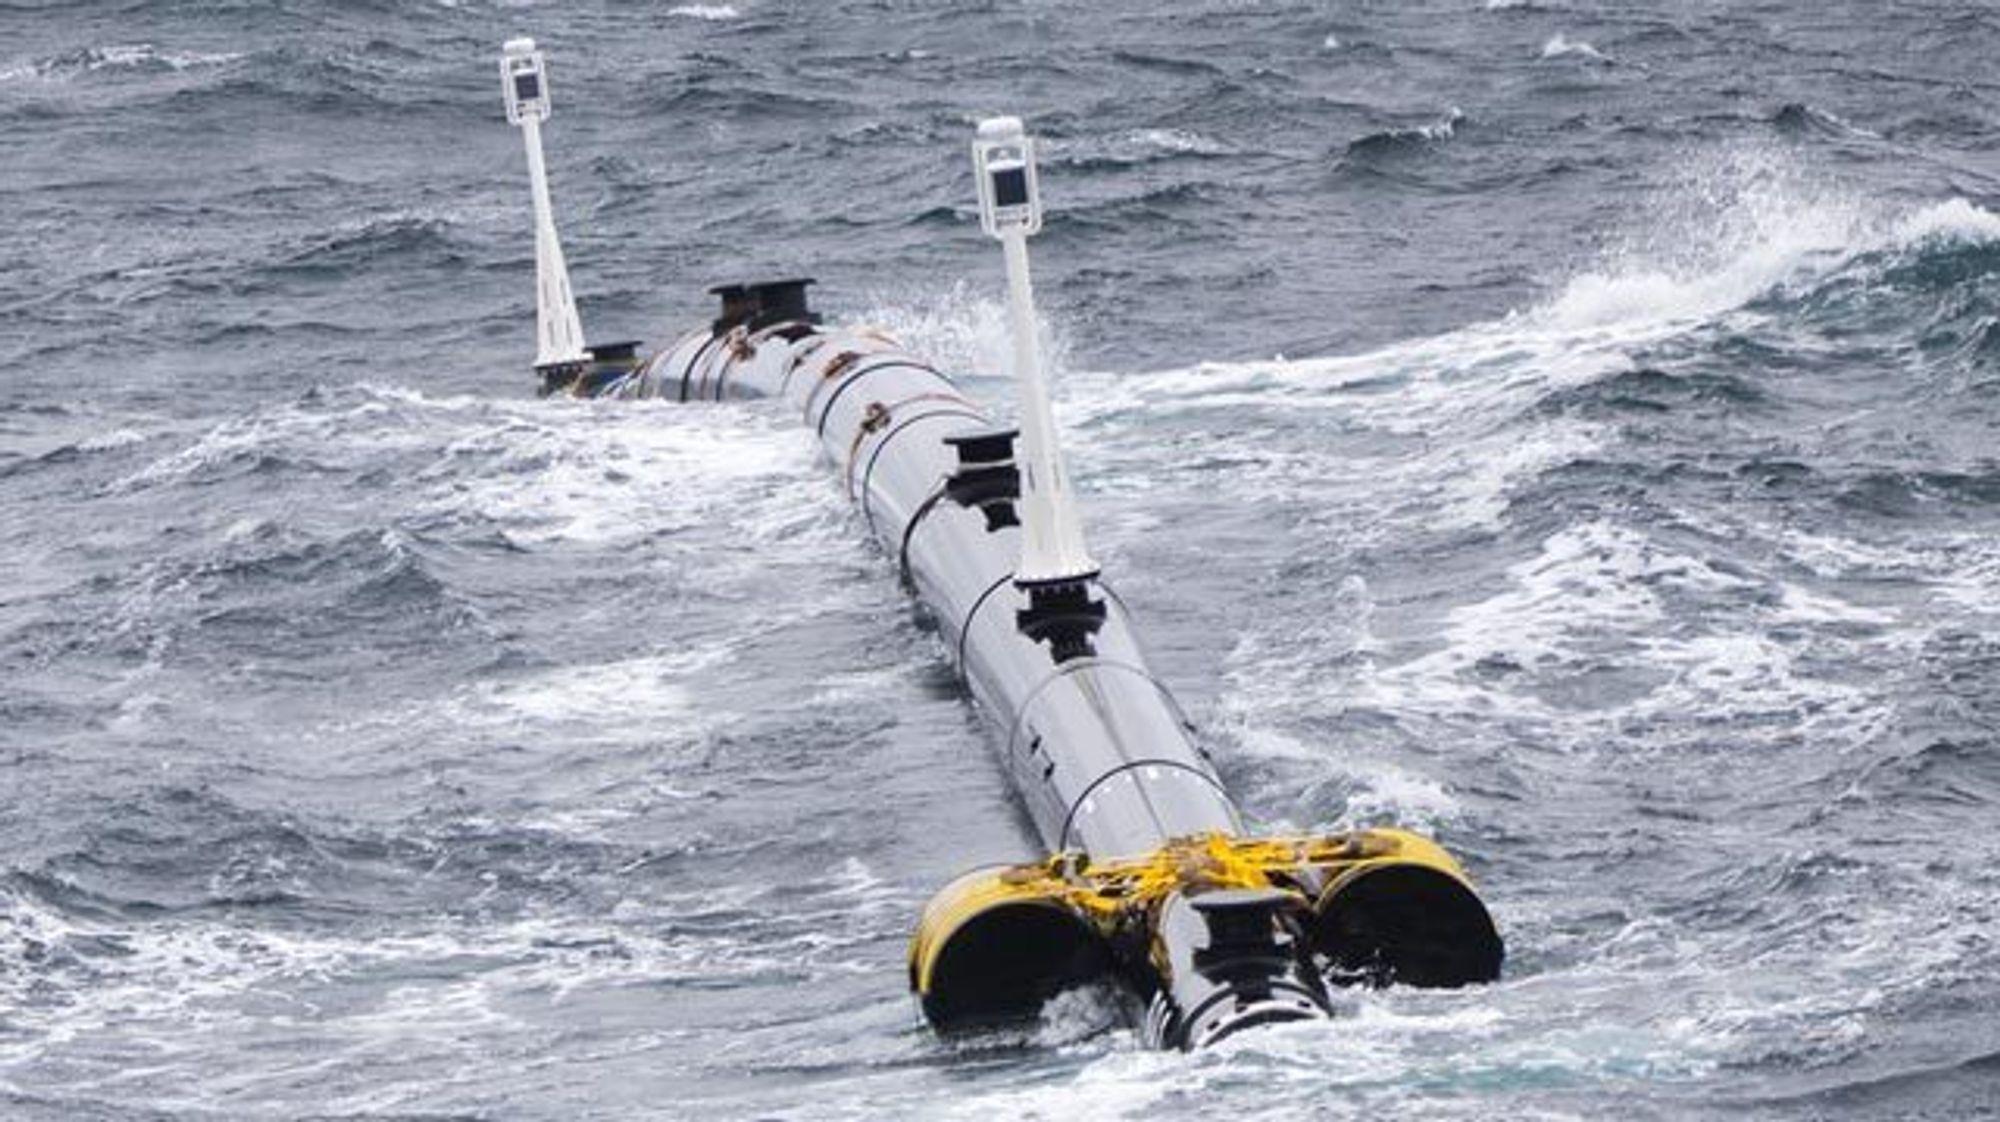 Den første plastbarrieren Ocean Cleanup satte ut i Stillehavet, fungerte ikke som planlagt. Nå tester de en ny versjon.